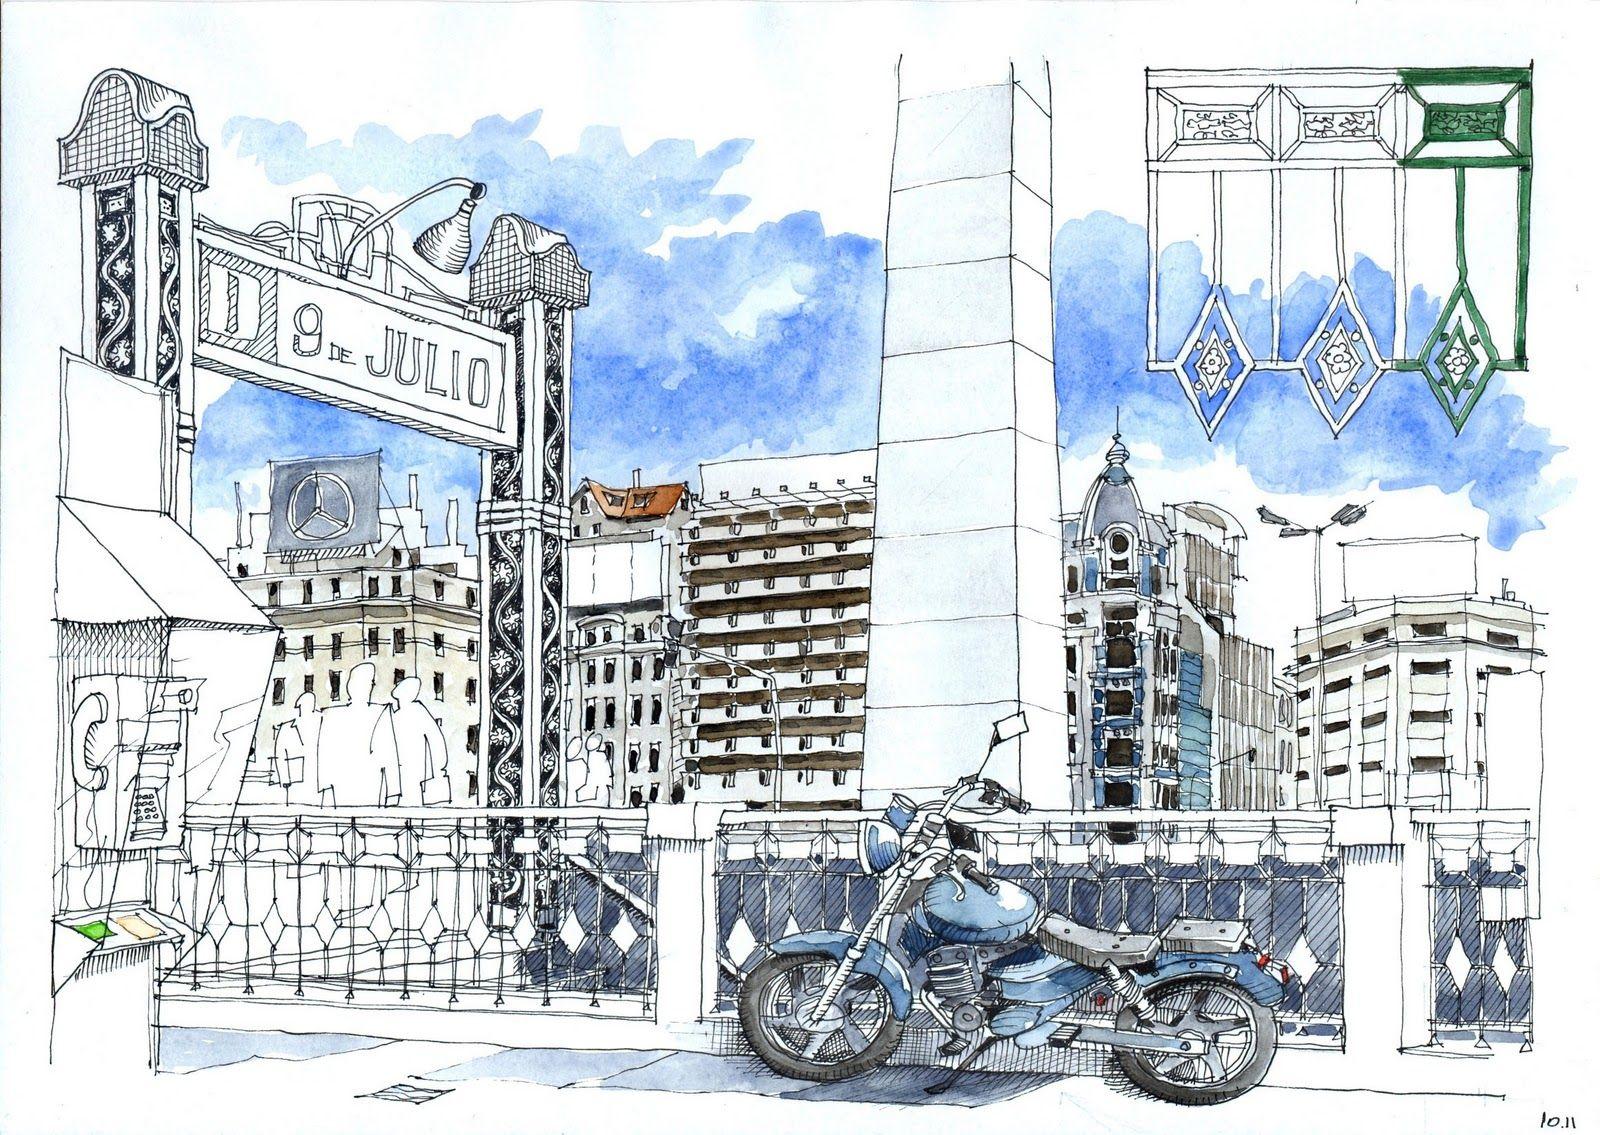 Obelisco 1 Dibujo Urbano Dibujo De Arquitectura Ilustracion De Pintura